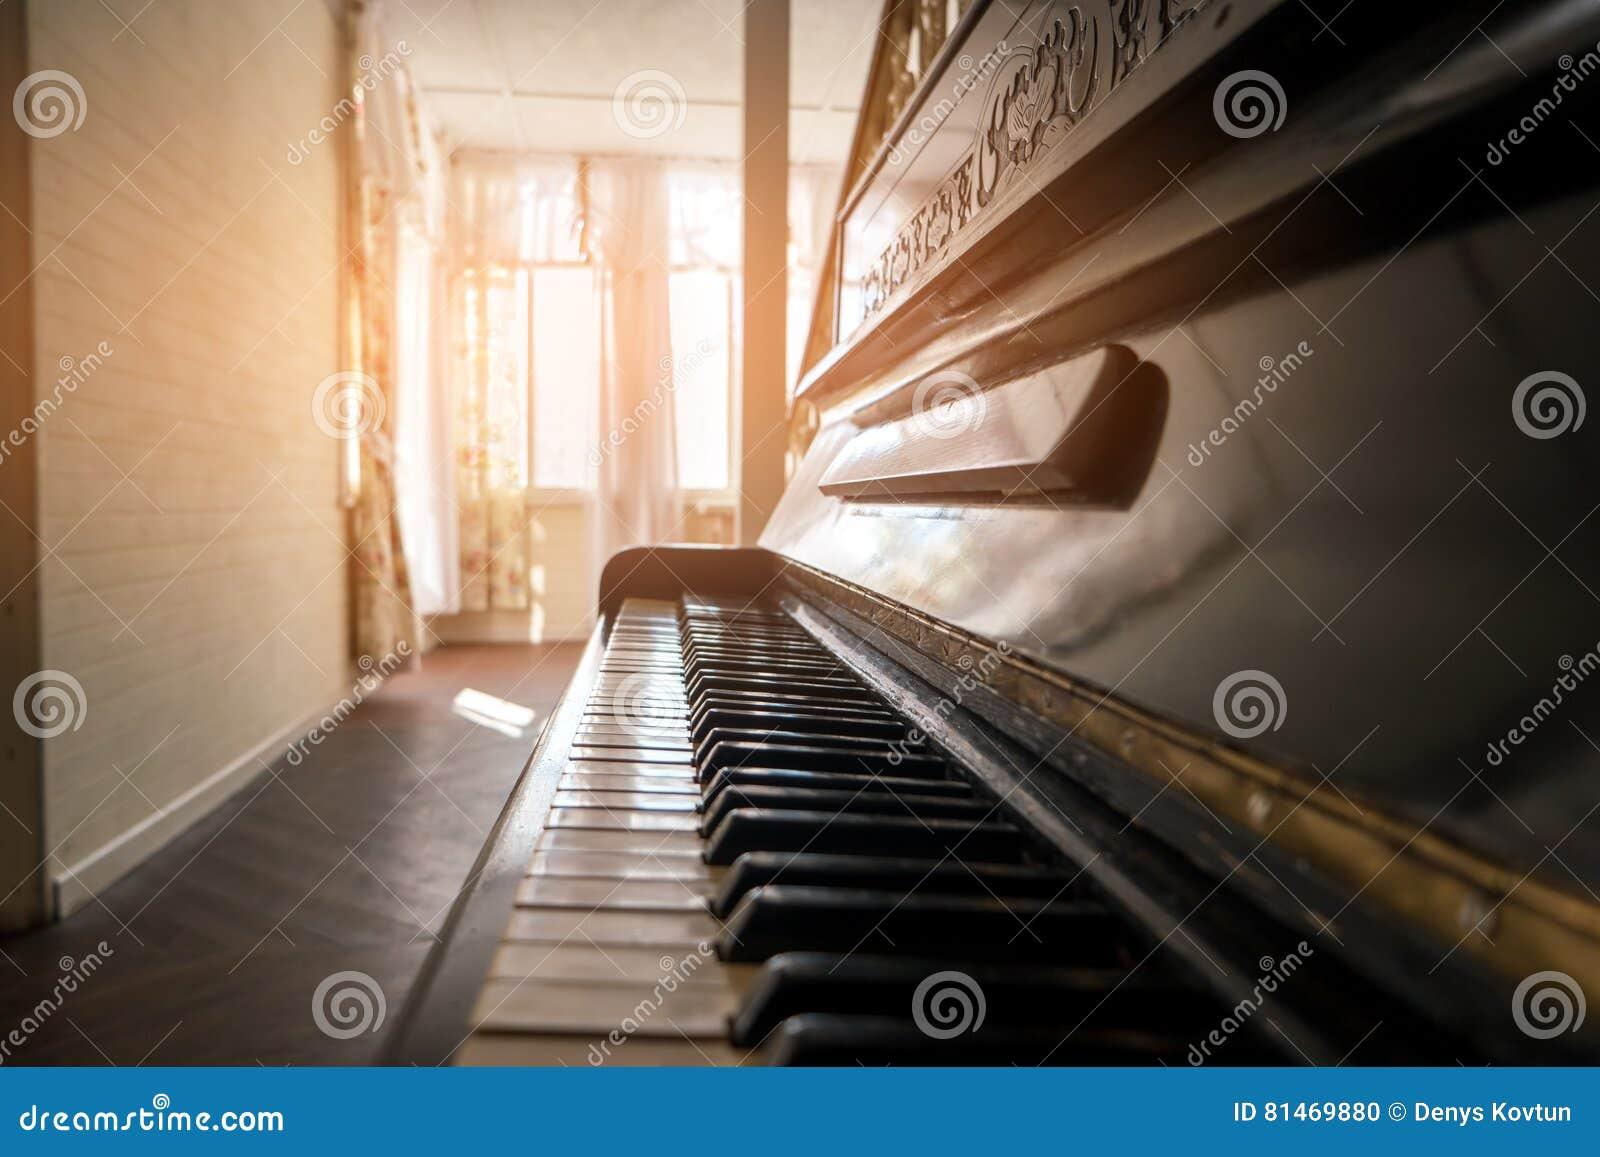 Sidosikt av pianot